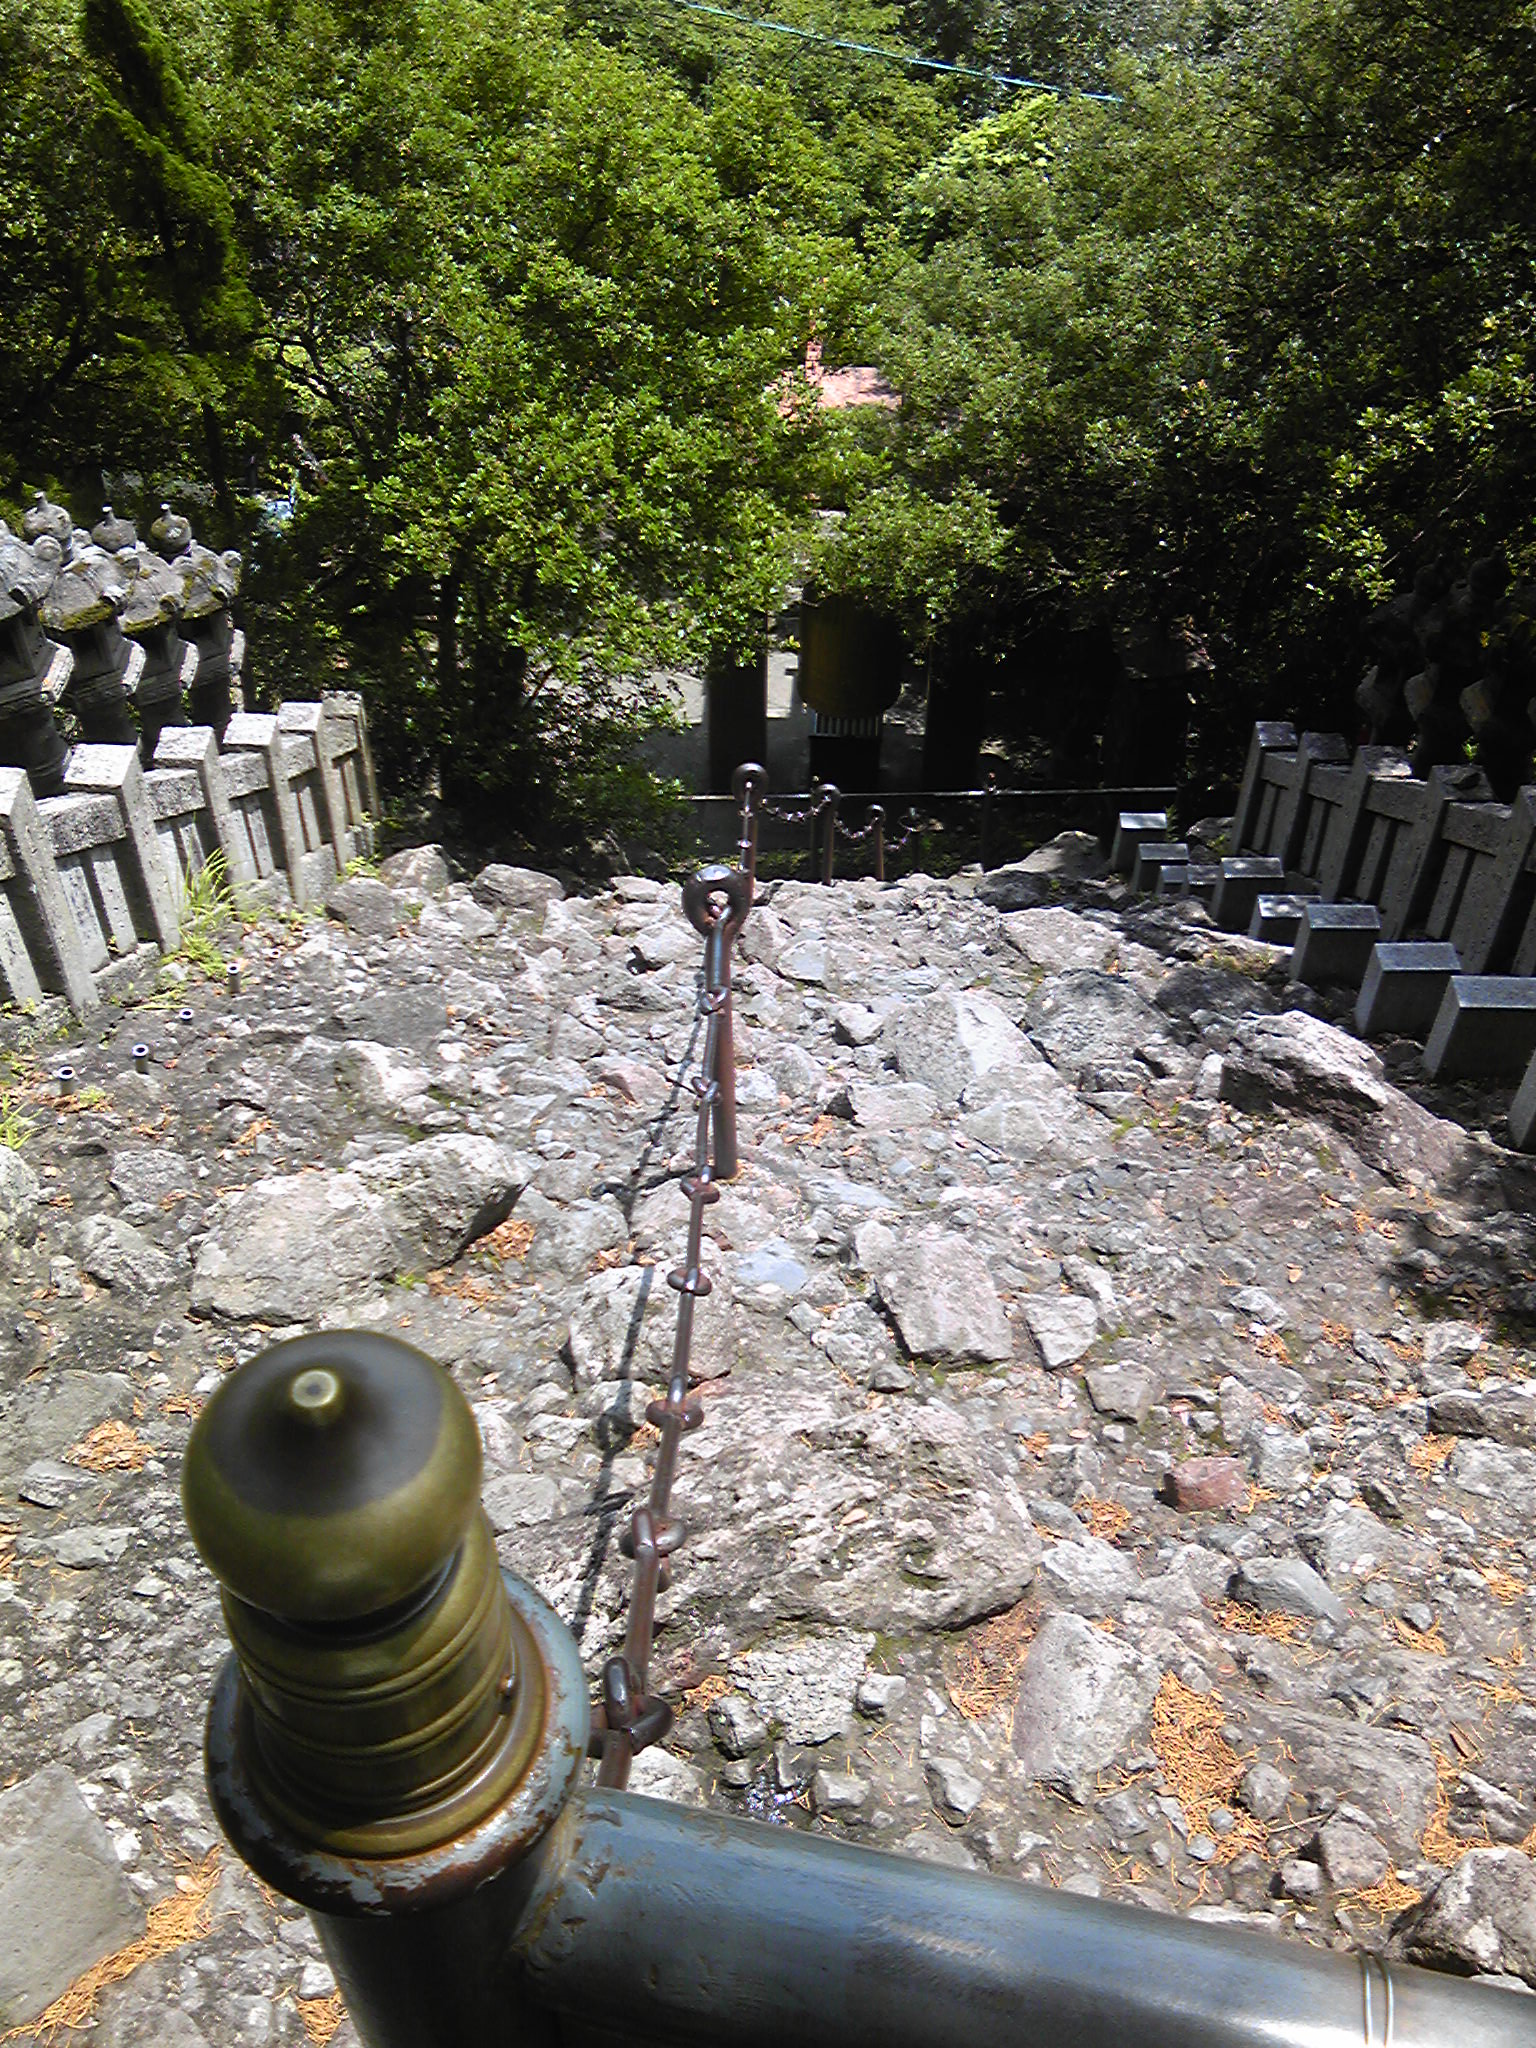 笠ヶ滝寺 本堂までは鎖で崖をよじ登らなければ・・・ 映画「八日目の蝉」で希和子が薫と訪れた場所